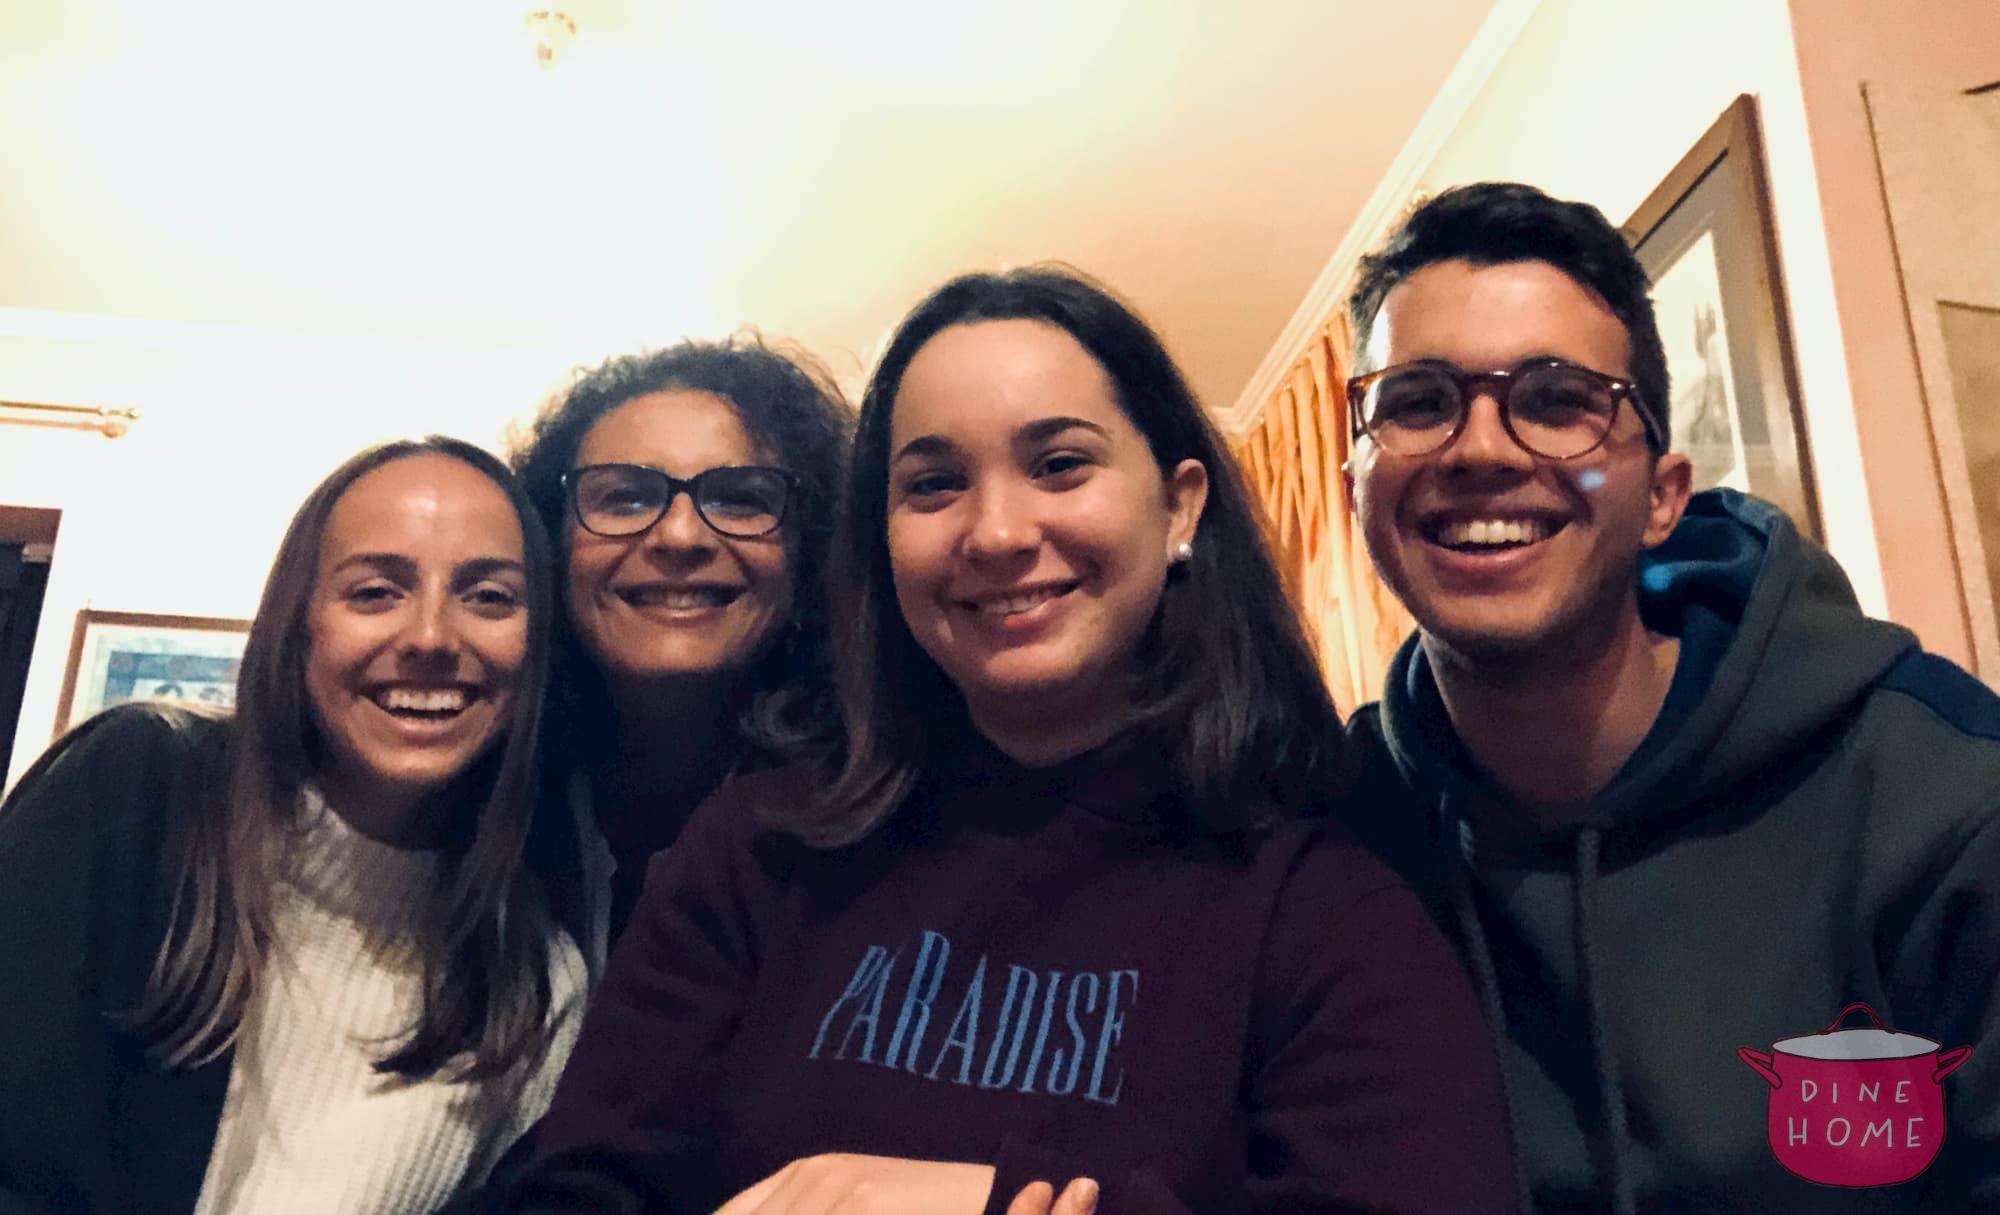 Megan, studentessa dal Canada, a cena dalla sua famiglia Dinehome.